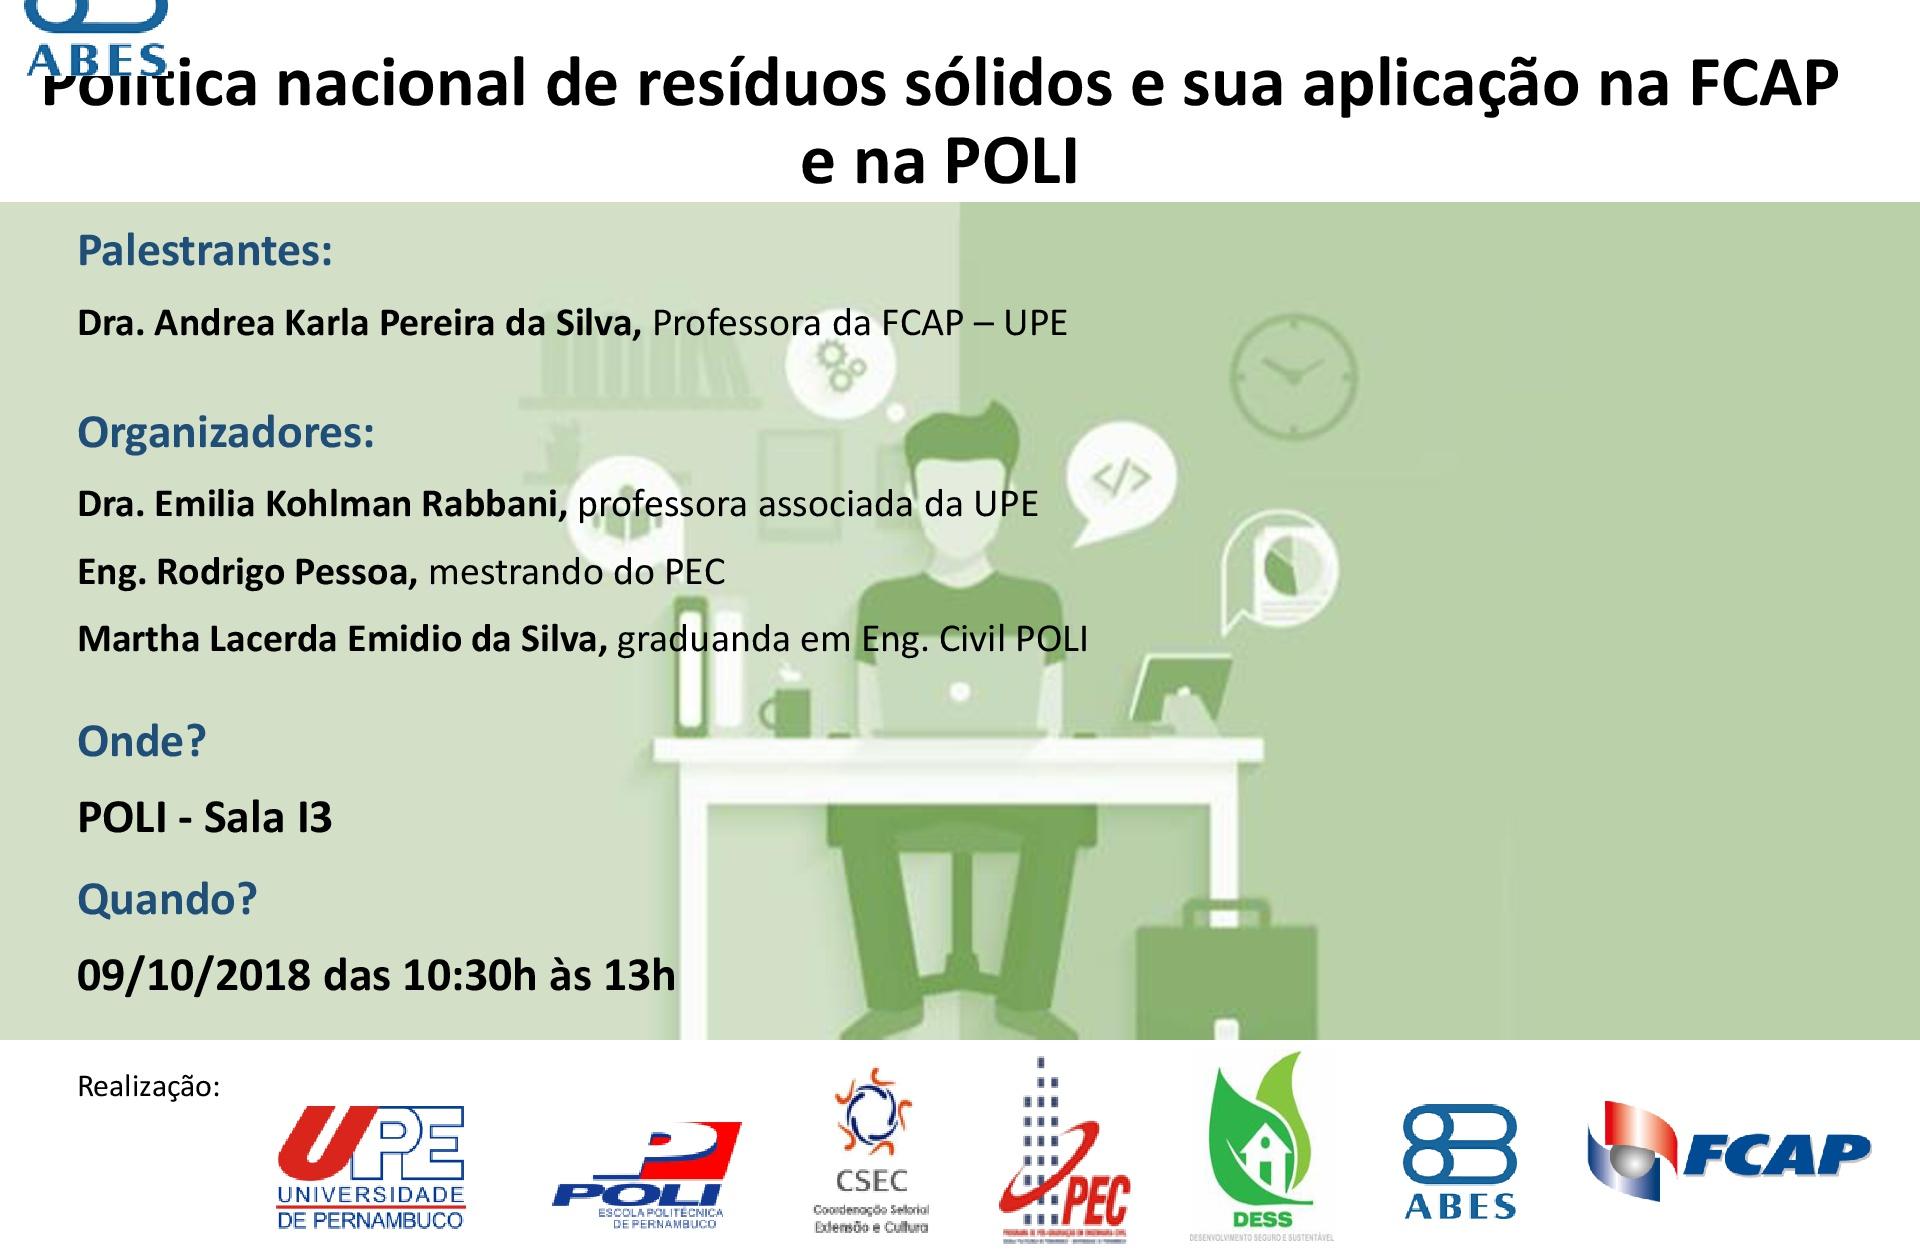 Política nacional de resíduos sólidos e sua aplicação na FCAP e na POLI